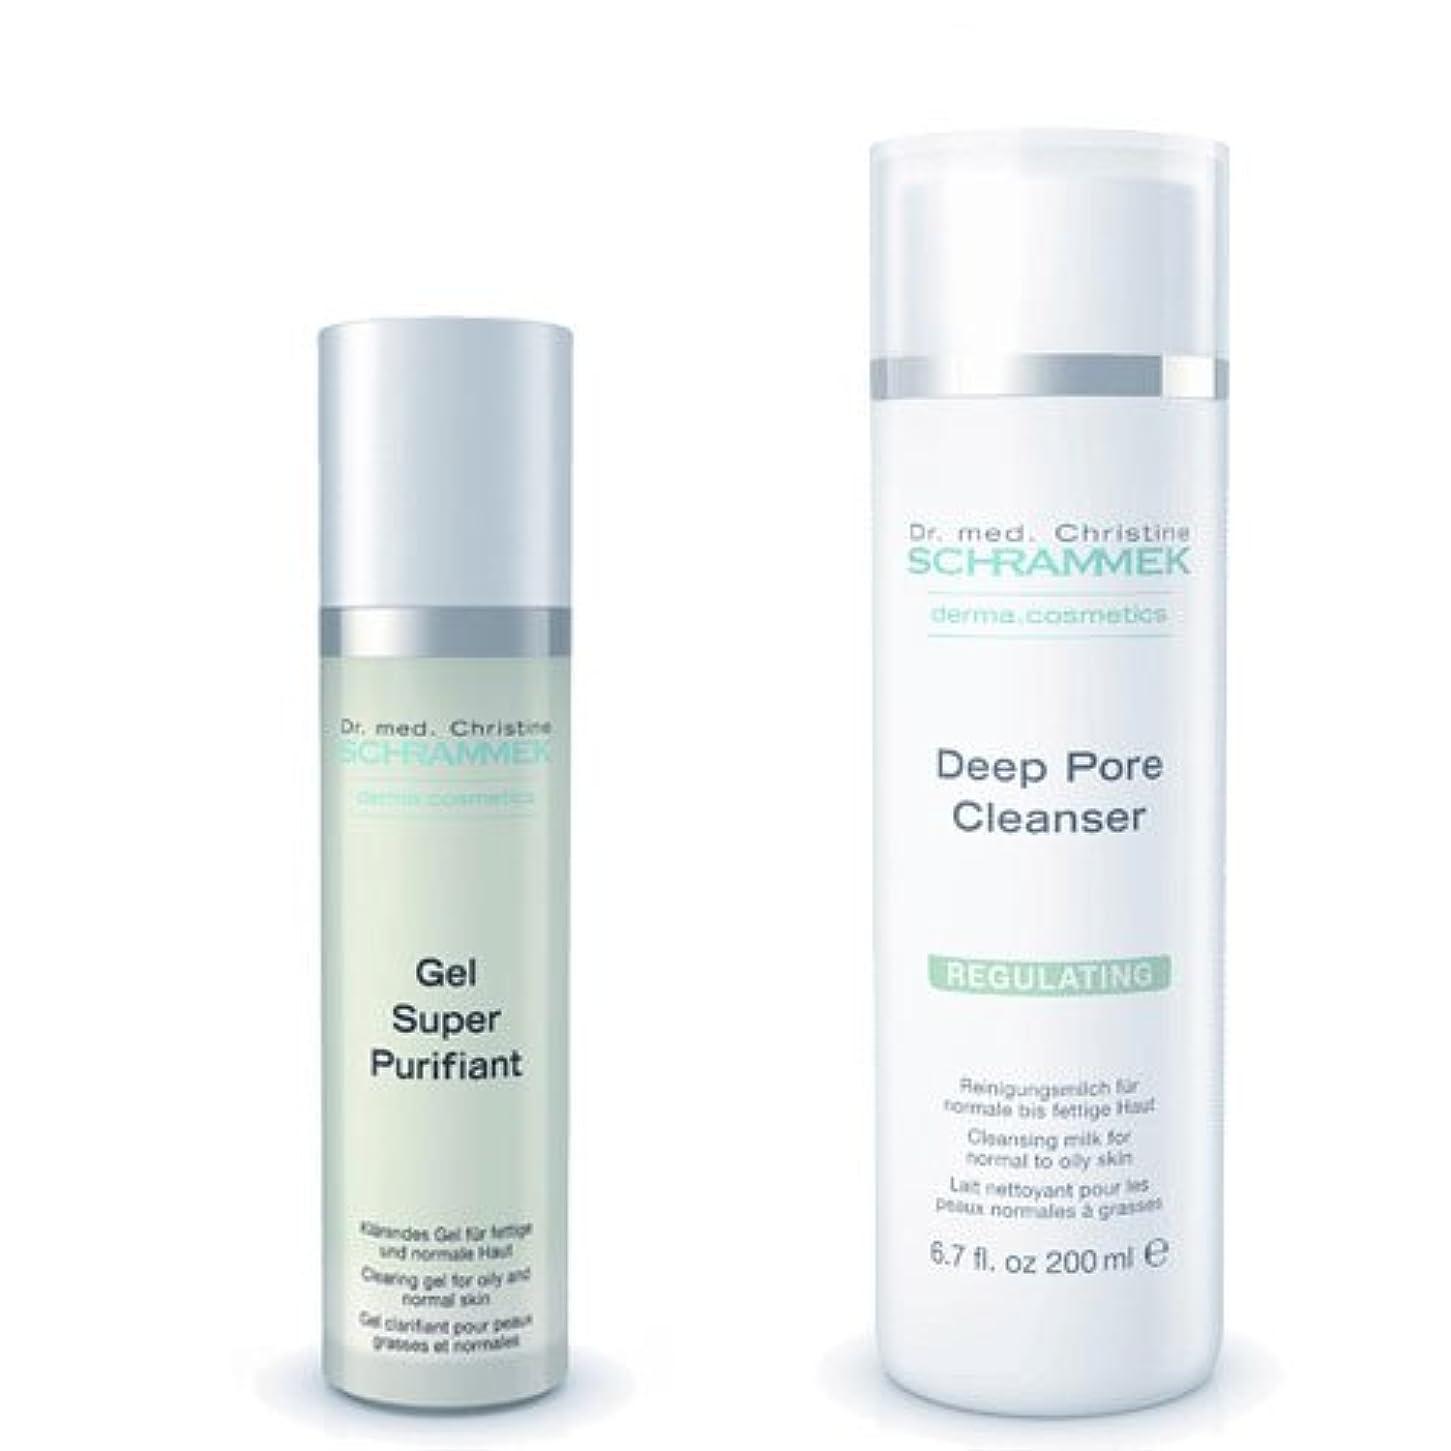 助手息苦しい大西洋シュラメック 「GREEN PEEL 洗顔2点セット(脂性肌用)」 ディープポアクレンザー&ジェルスーパーピュリフィアント